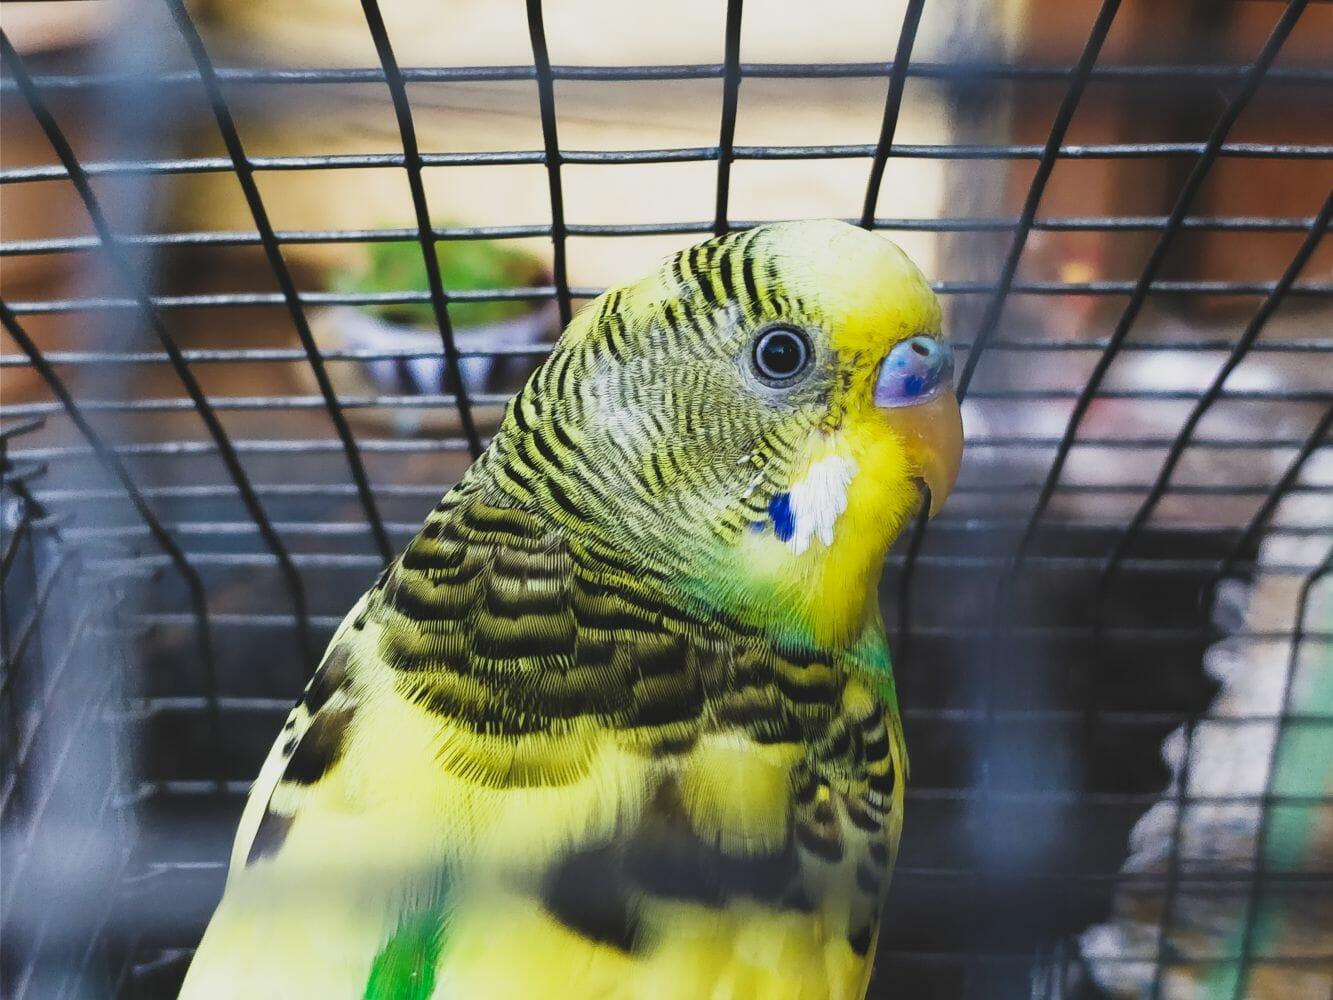 Índia pássaro gaiola 2